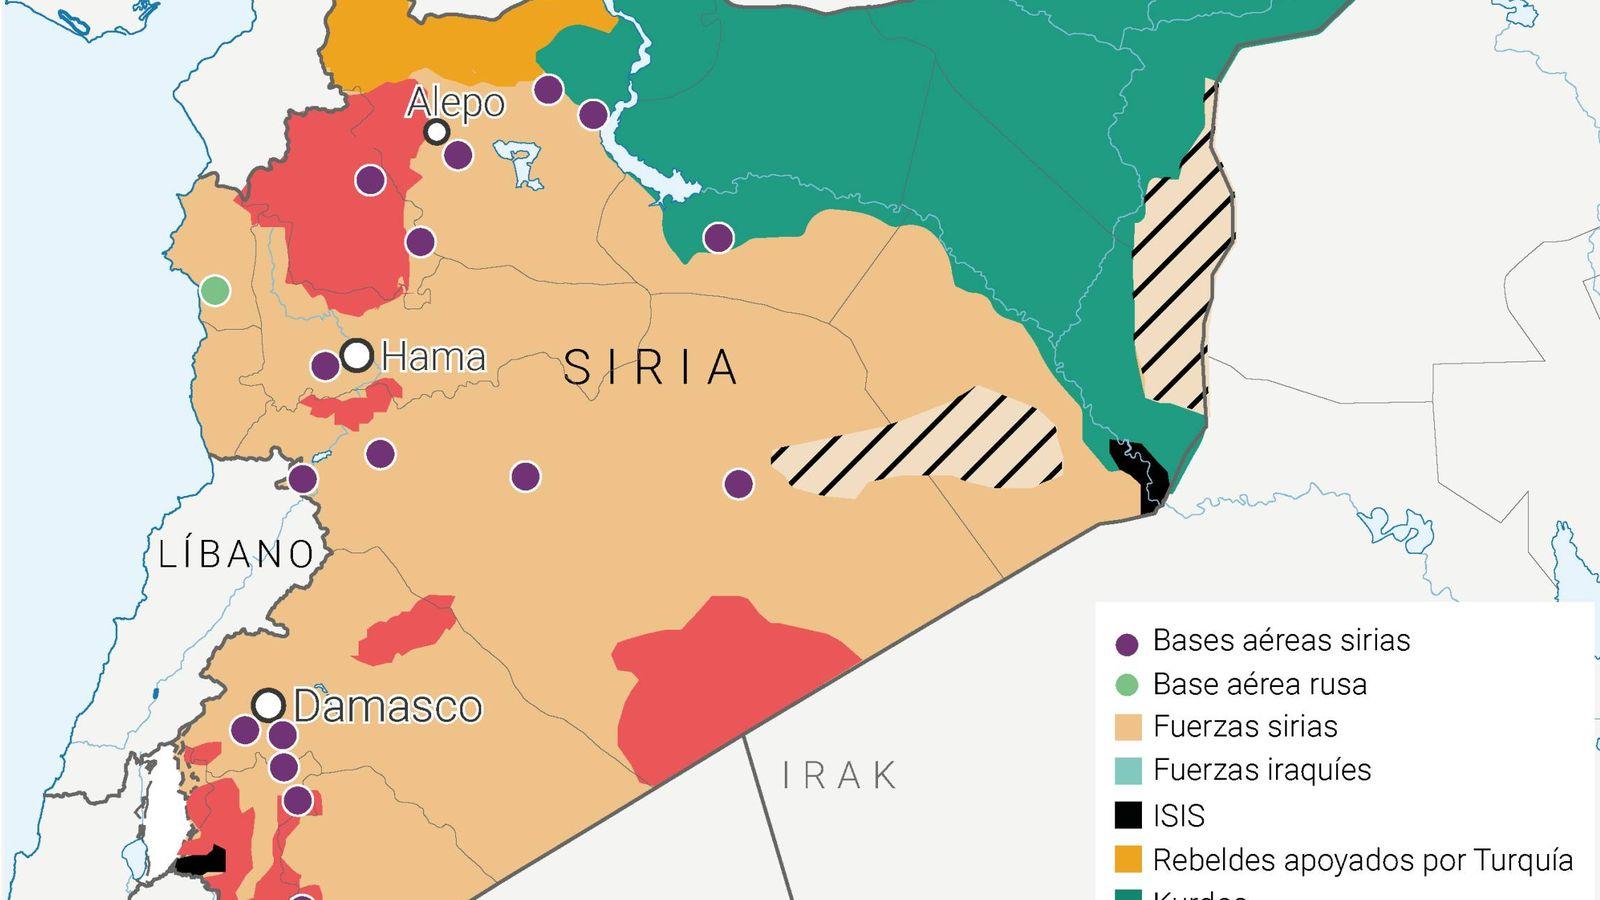 Foto: Mapa de las bases aéreas en Siria.